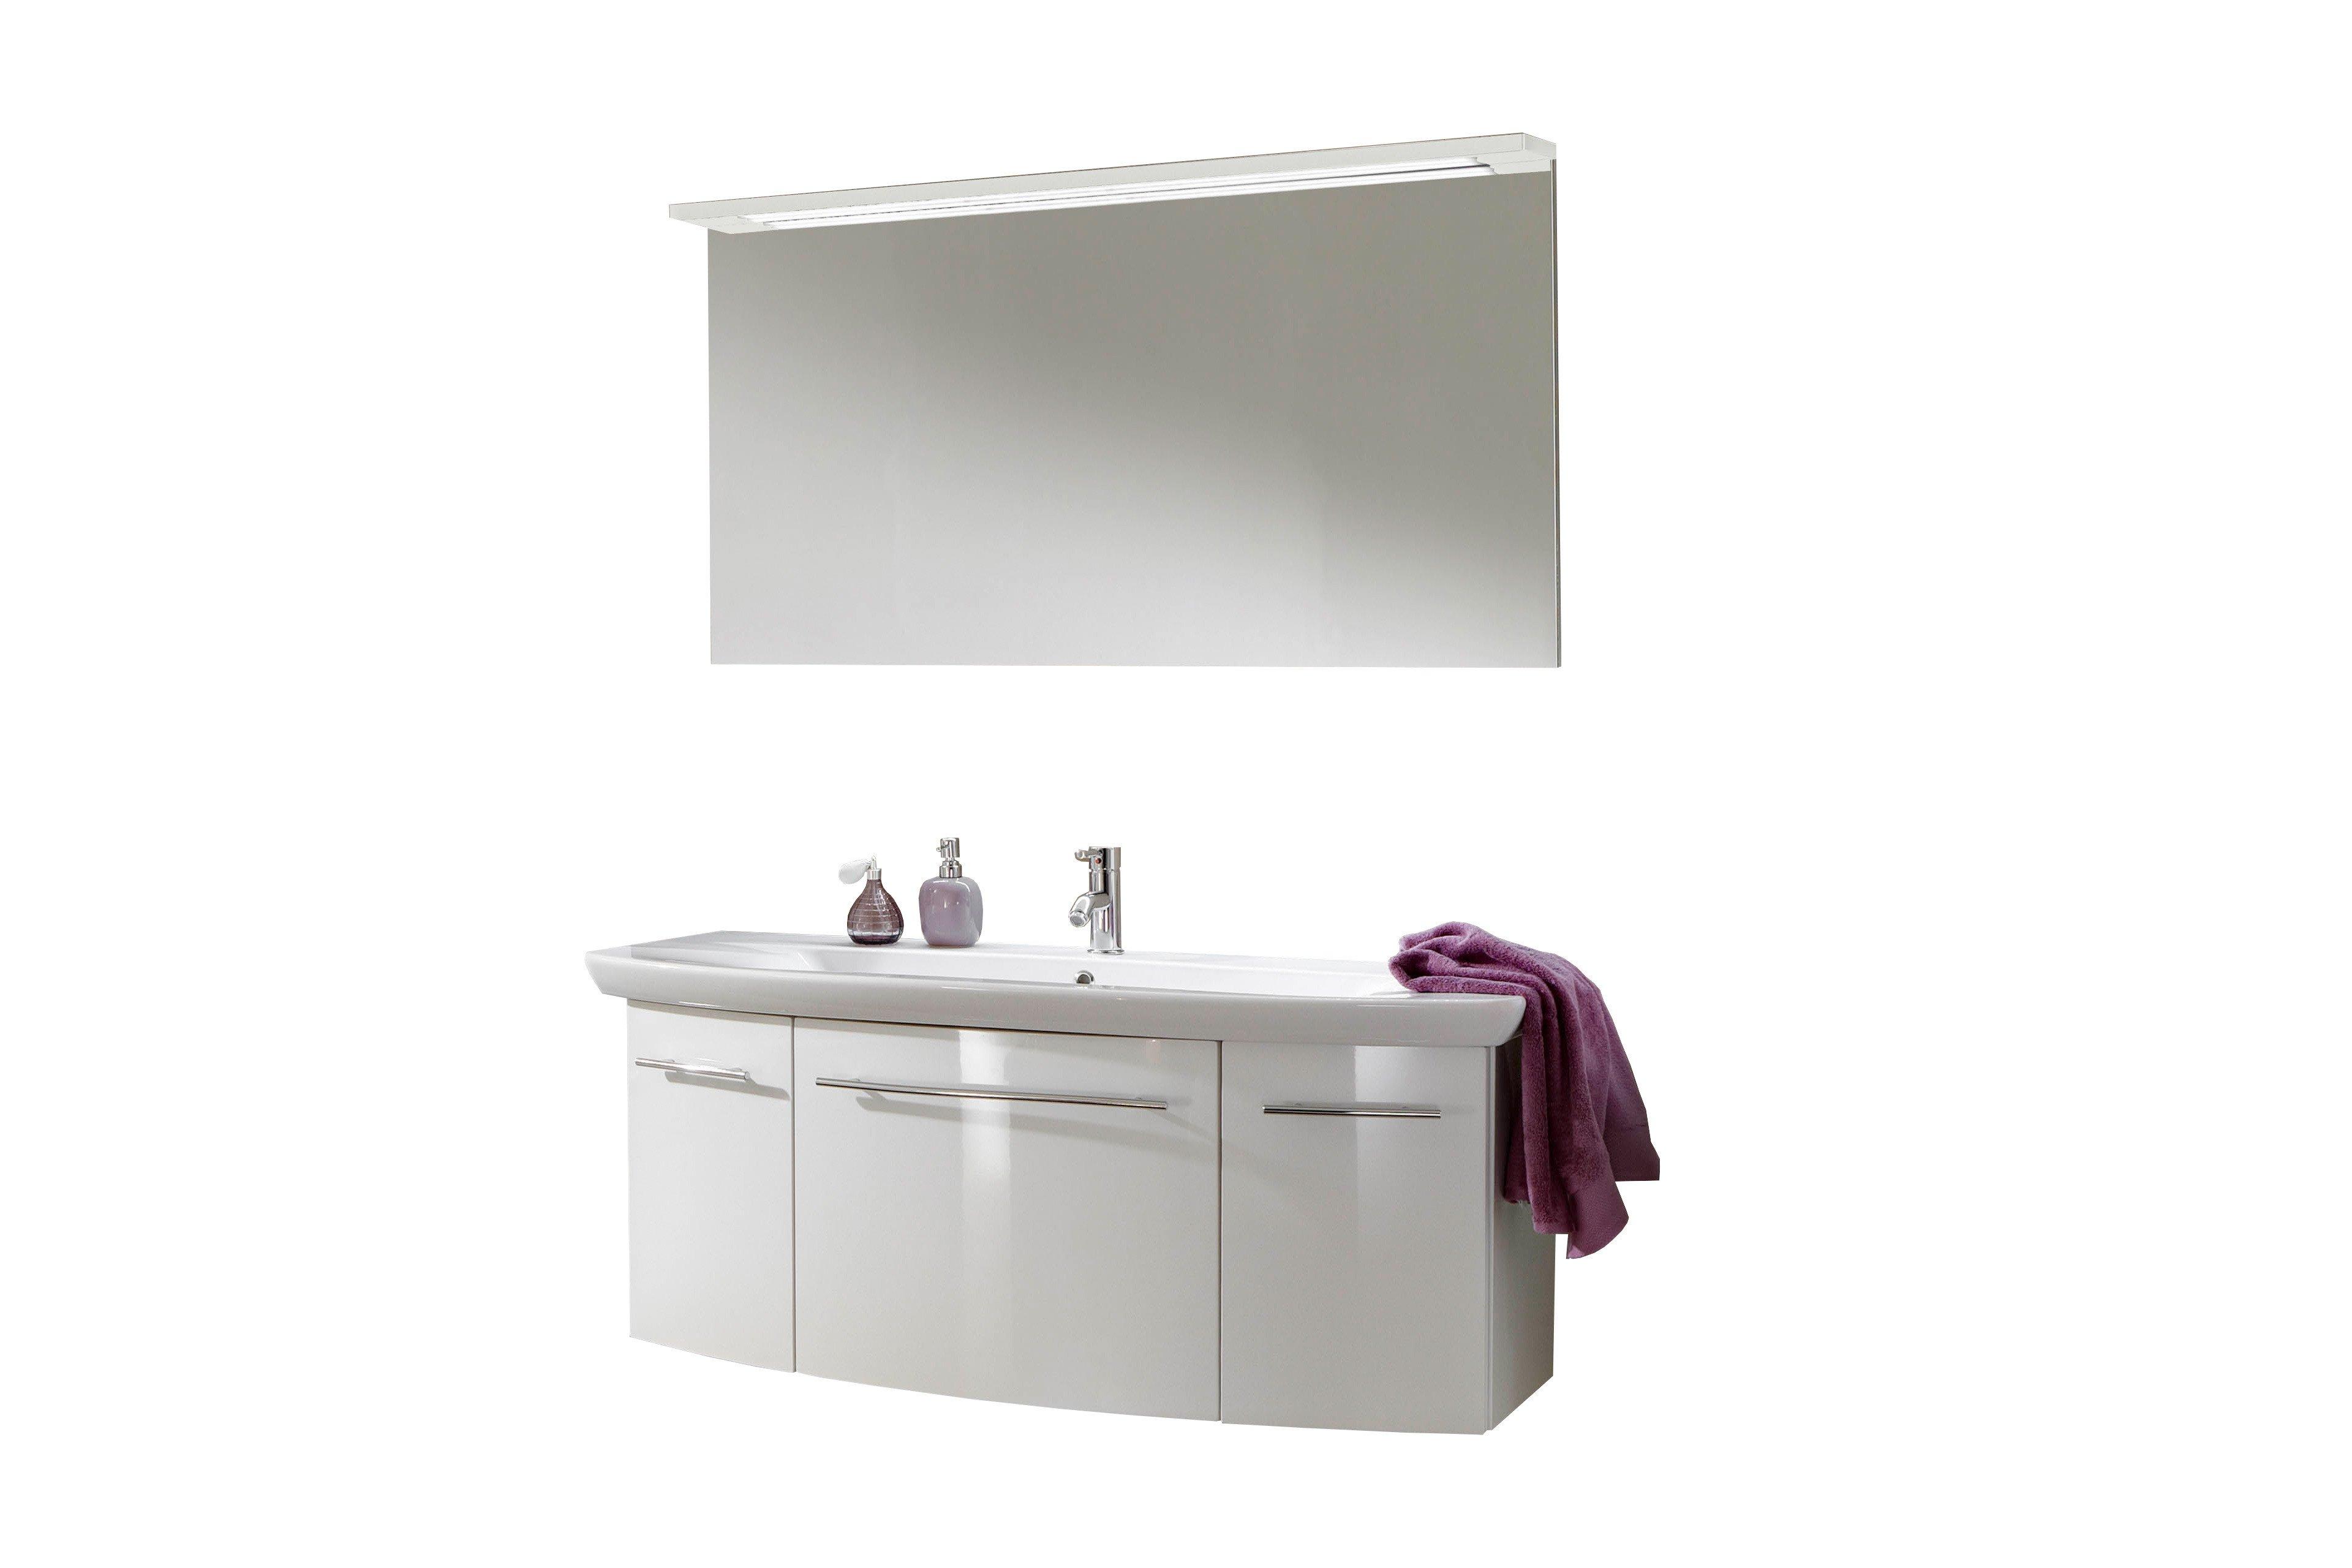 Marlin Badezimmer 20 Weiß 20 teilig   Möbel Letz   Ihr Online Shop